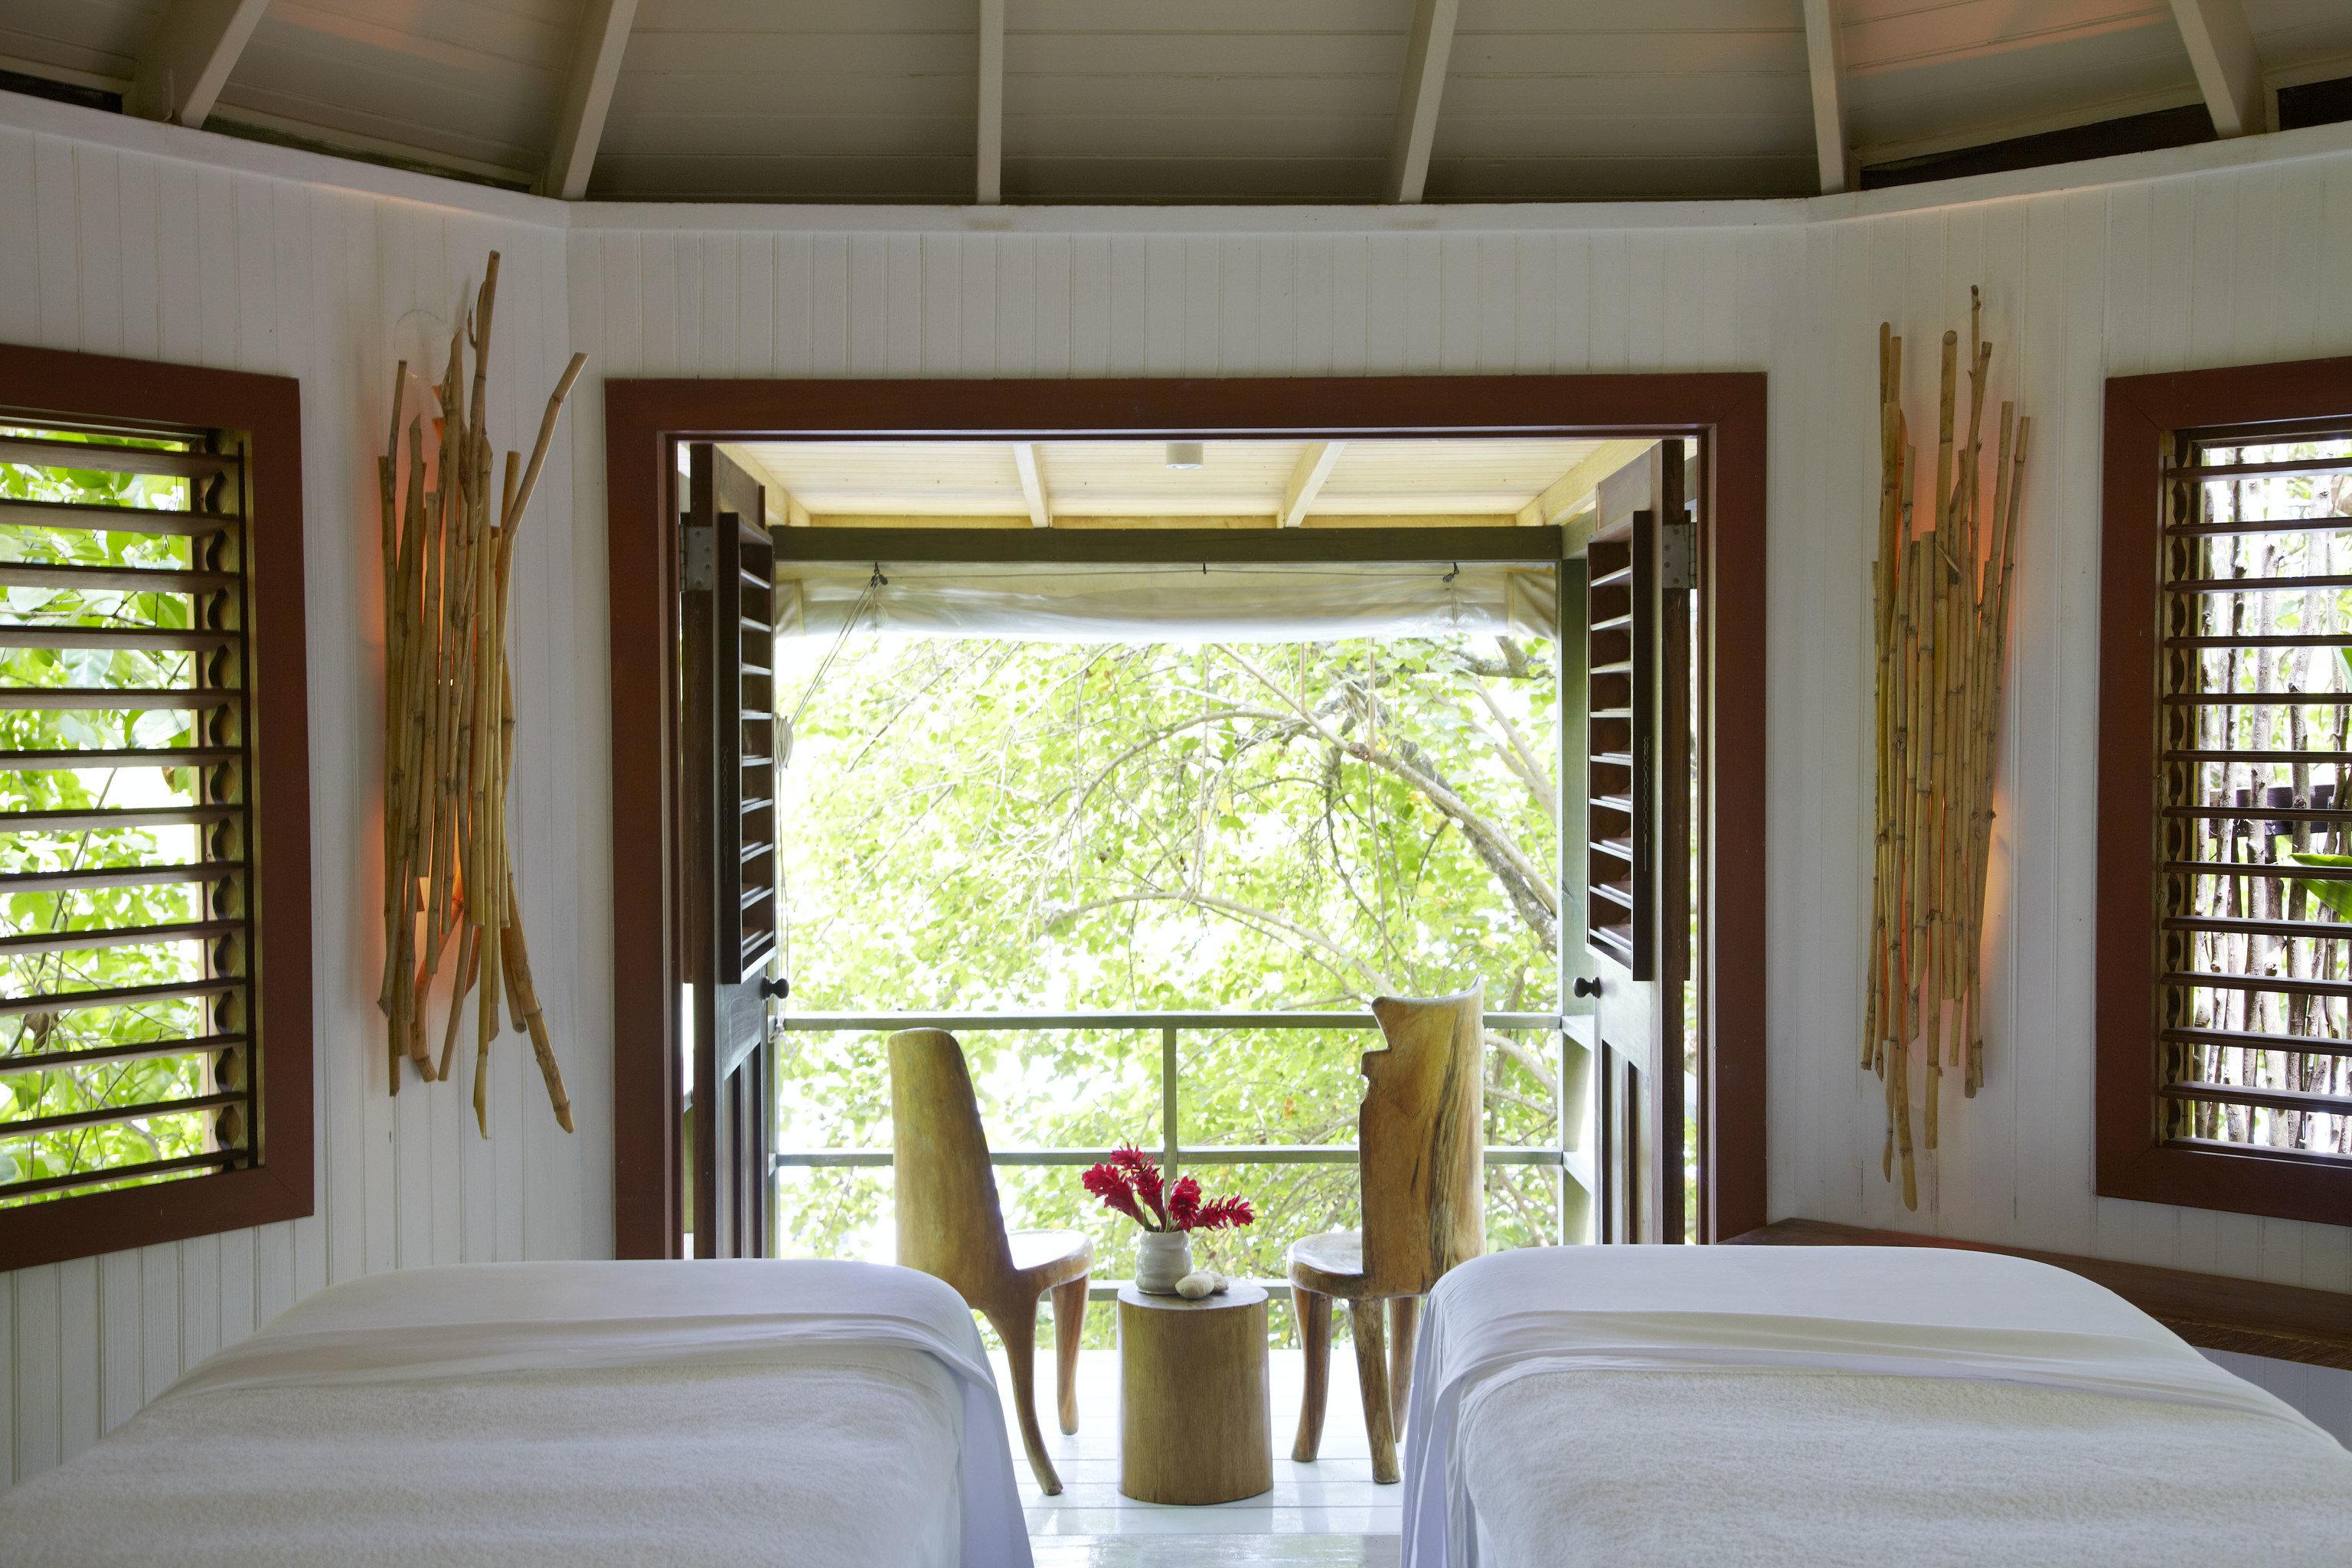 property window treatment Bedroom home house door Resort